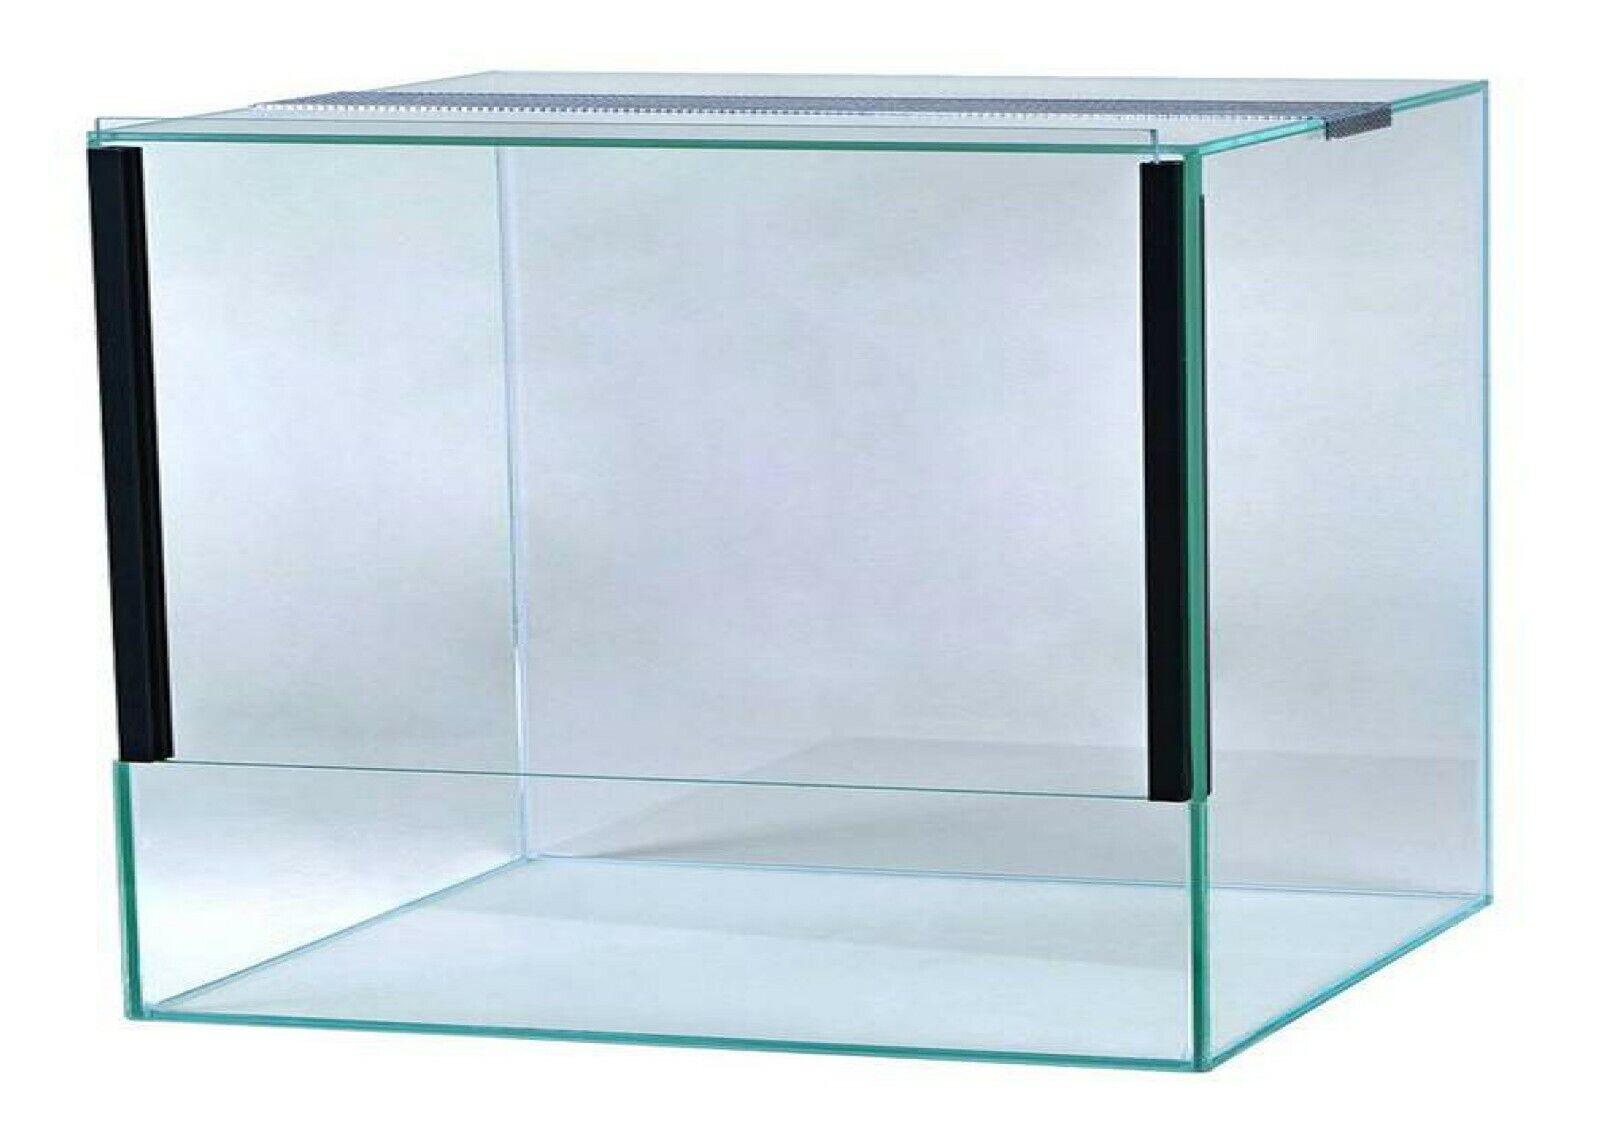 Glas Terrarium Schiebetür Falltür Glasterrarium Reptilien Spinnen viele Größen 40x40x30 Falltür